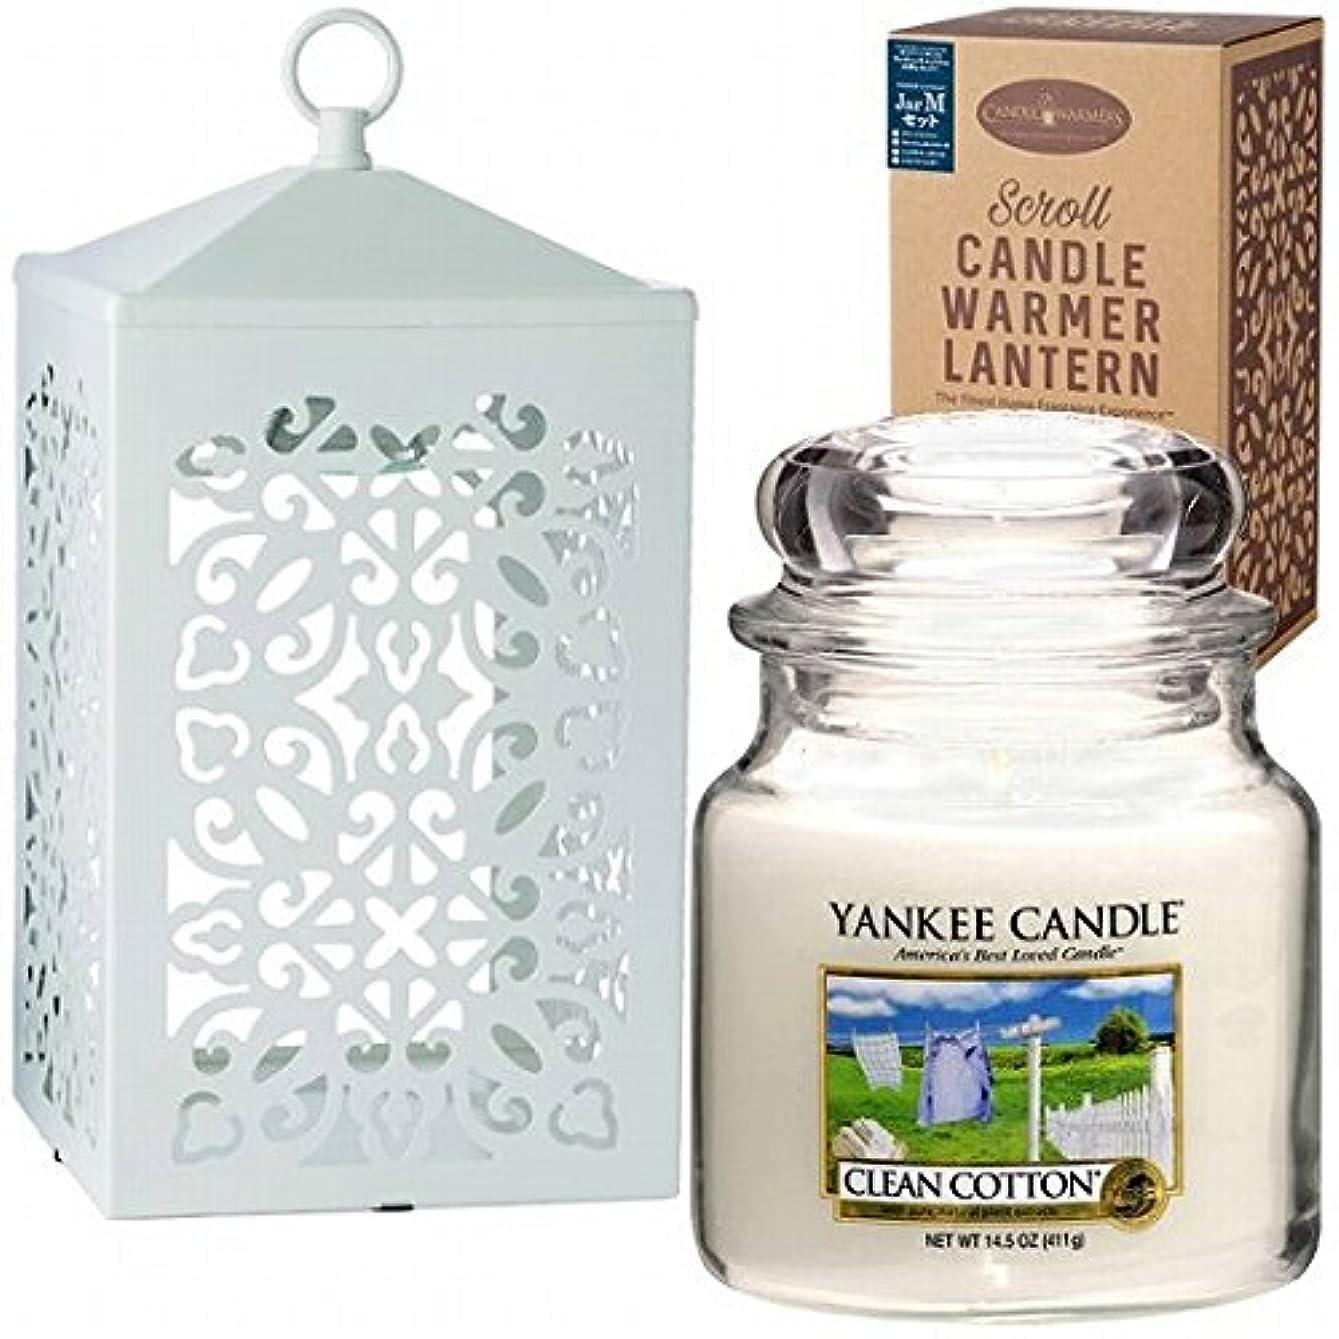 パーセントクリーナーコークスヤンキーキャンドル(YANKEE CANDLE) YANKEE CANDLE ジャーM スクロールキャンドルウォーマーセット(ホワイト) 「 クリーンコットン 」